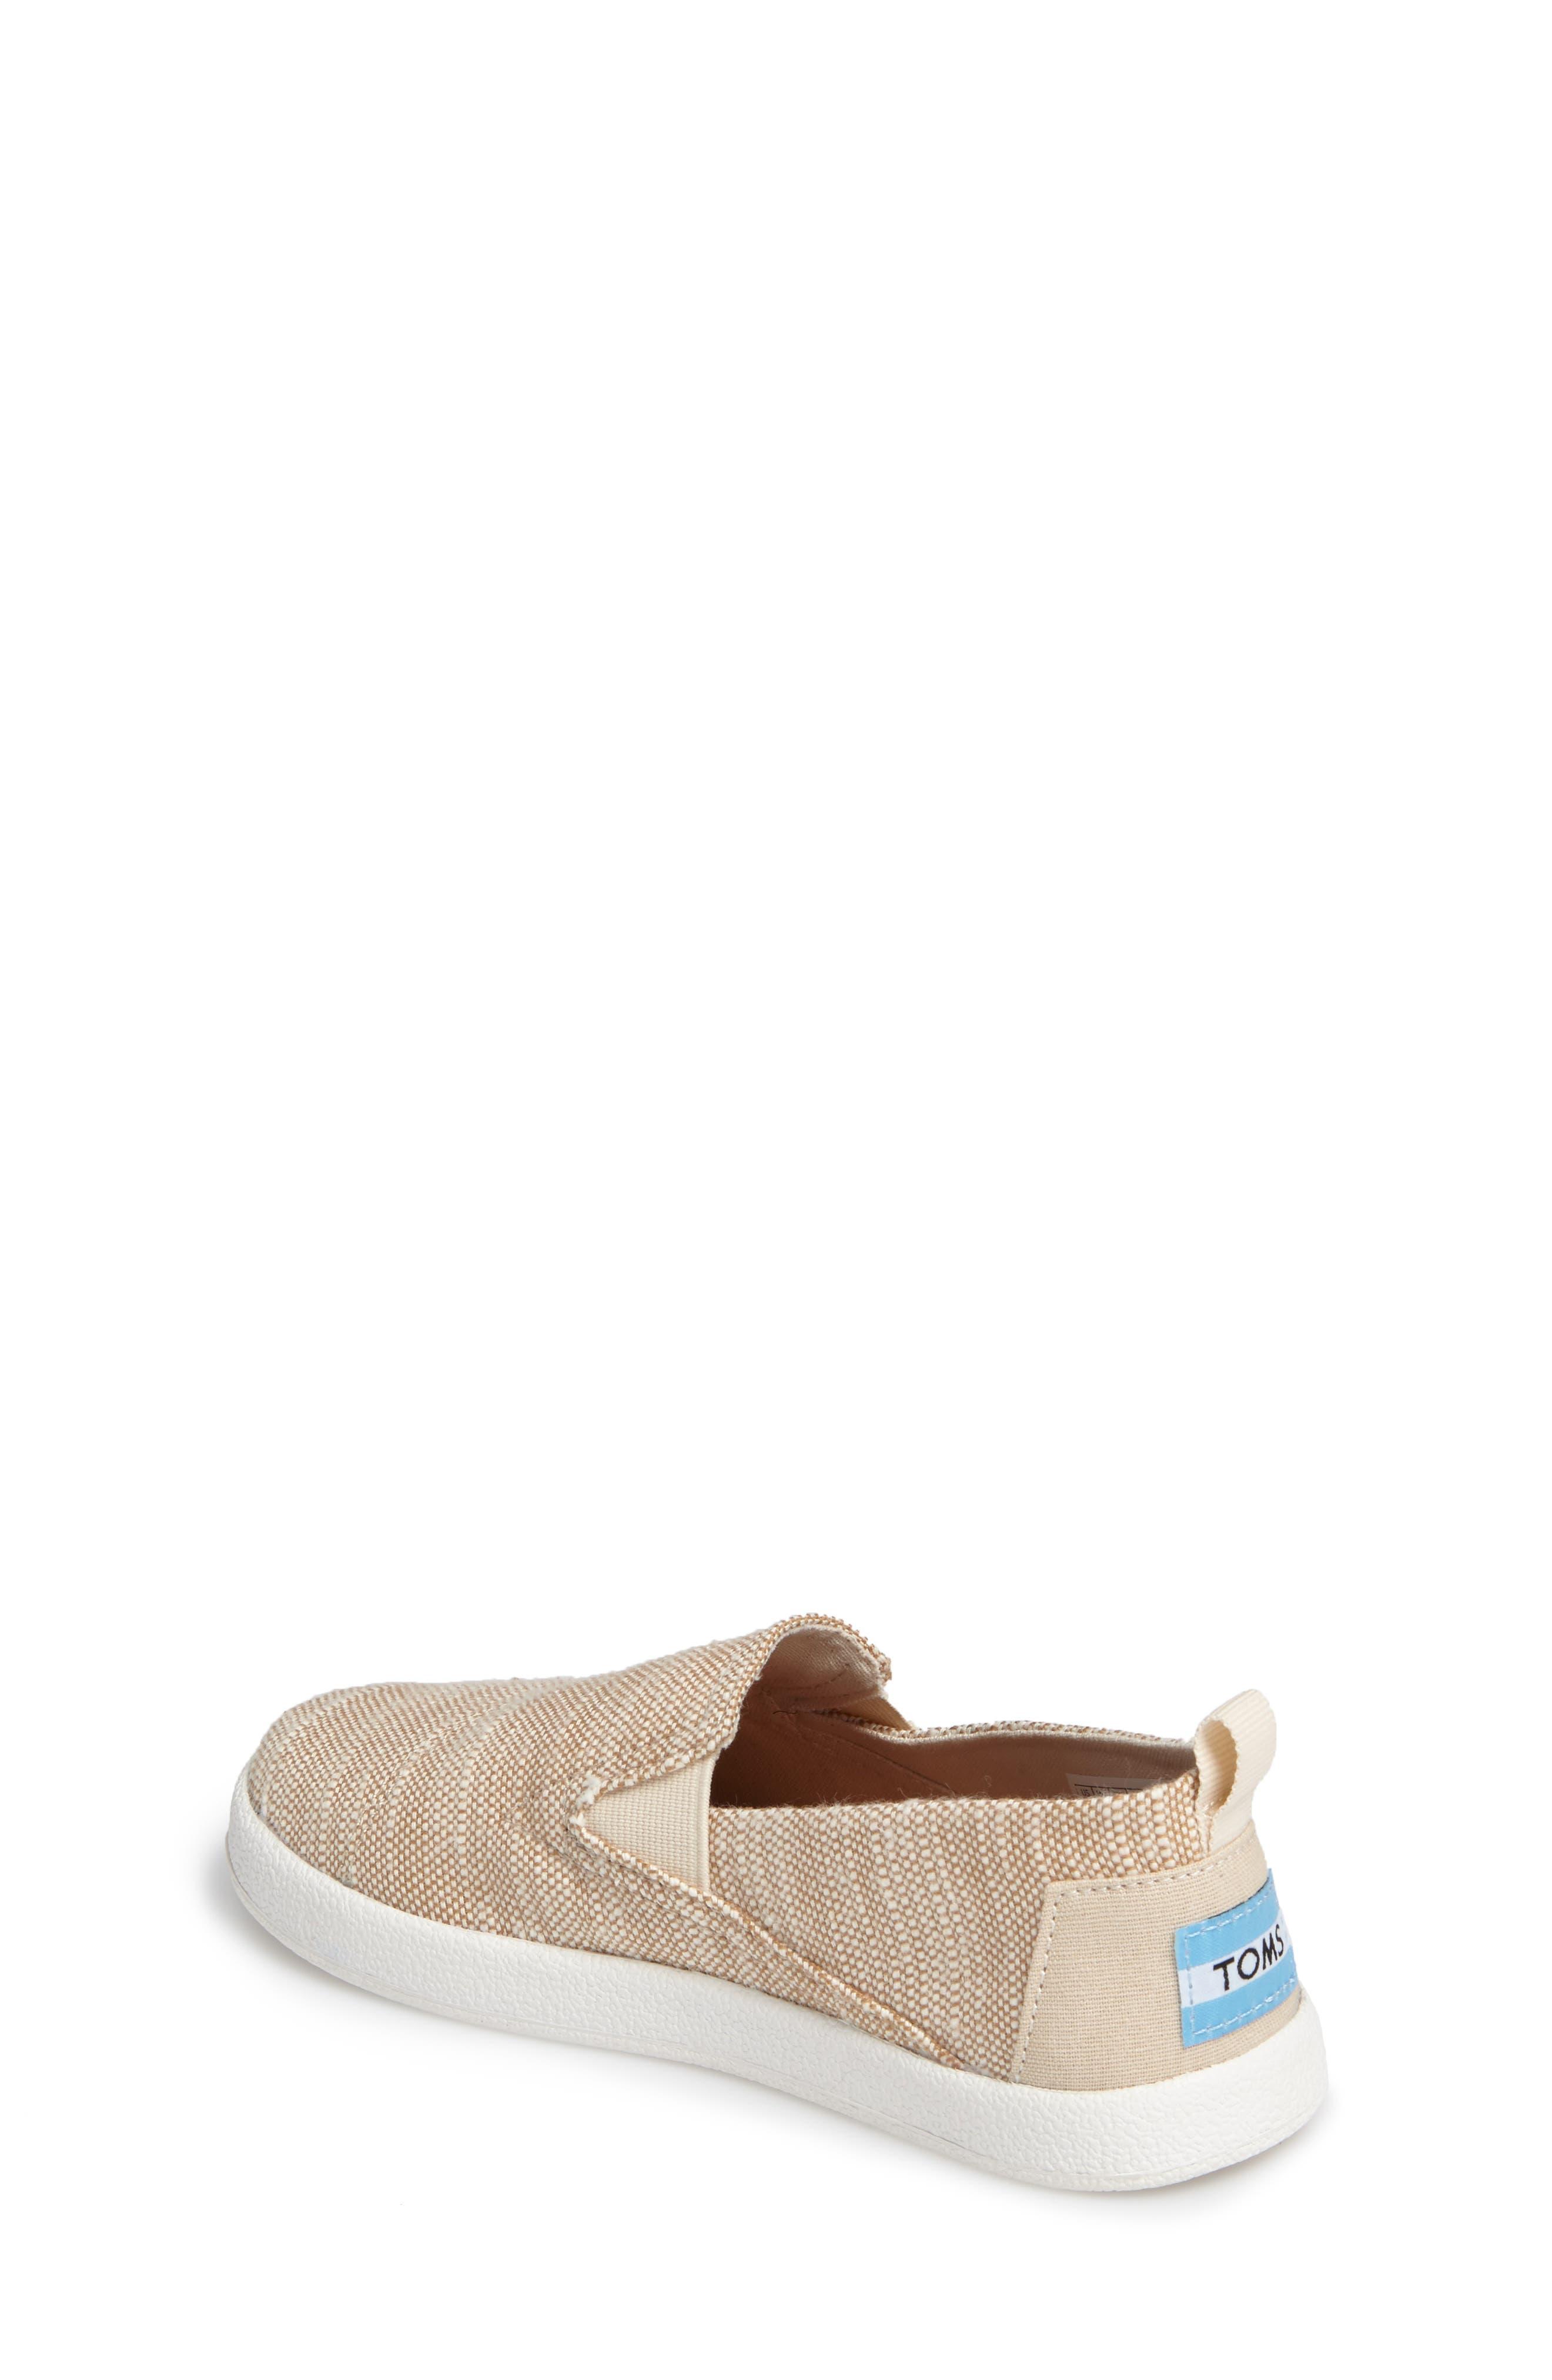 Alternate Image 2  - TOMS Avalon Slip-On Sneaker (Baby, Walker, Toddler, Little Kid & Big Kid)